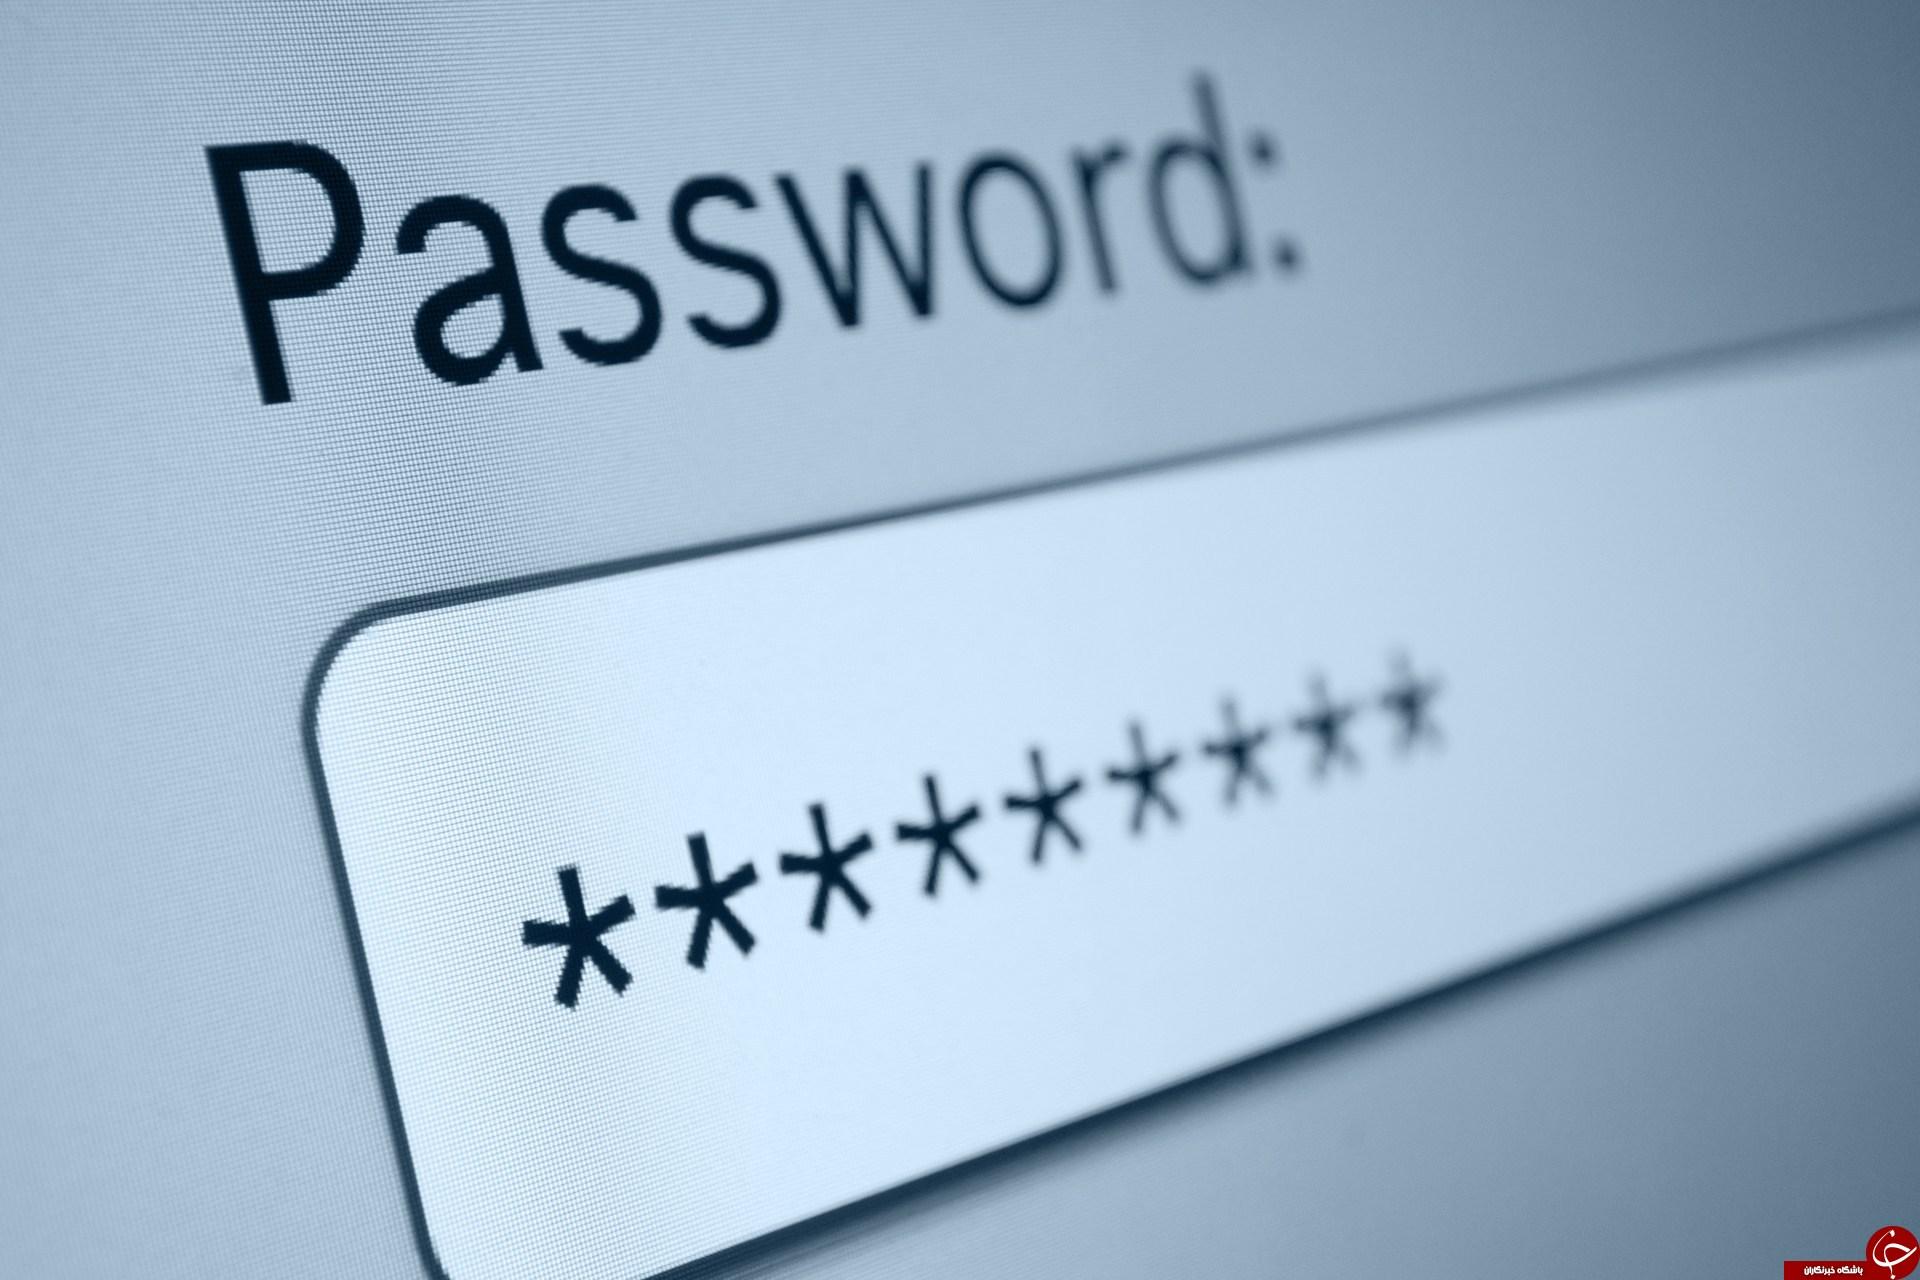 مخابرات درباره سوءاستفاده مالی از مشترکان با ارسال پیامکهای جعلی هشدار داد